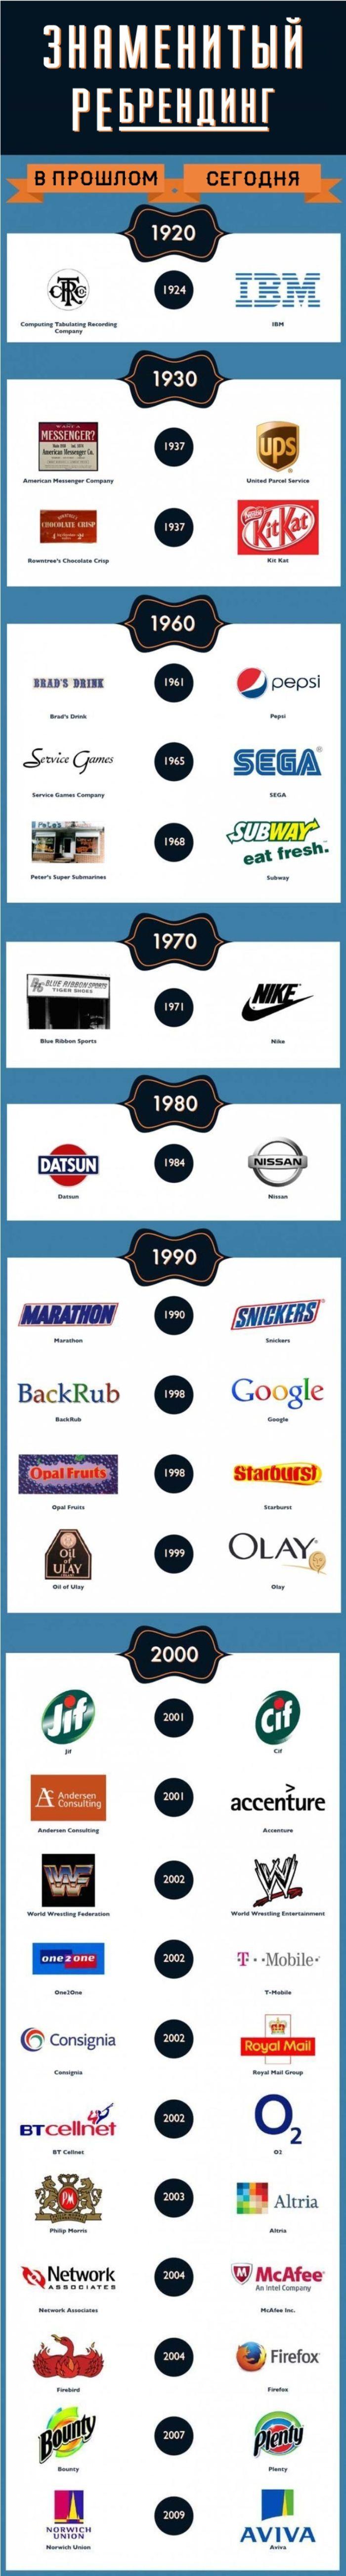 Ребрендинг известных на весь мир компаний (1 картинка)